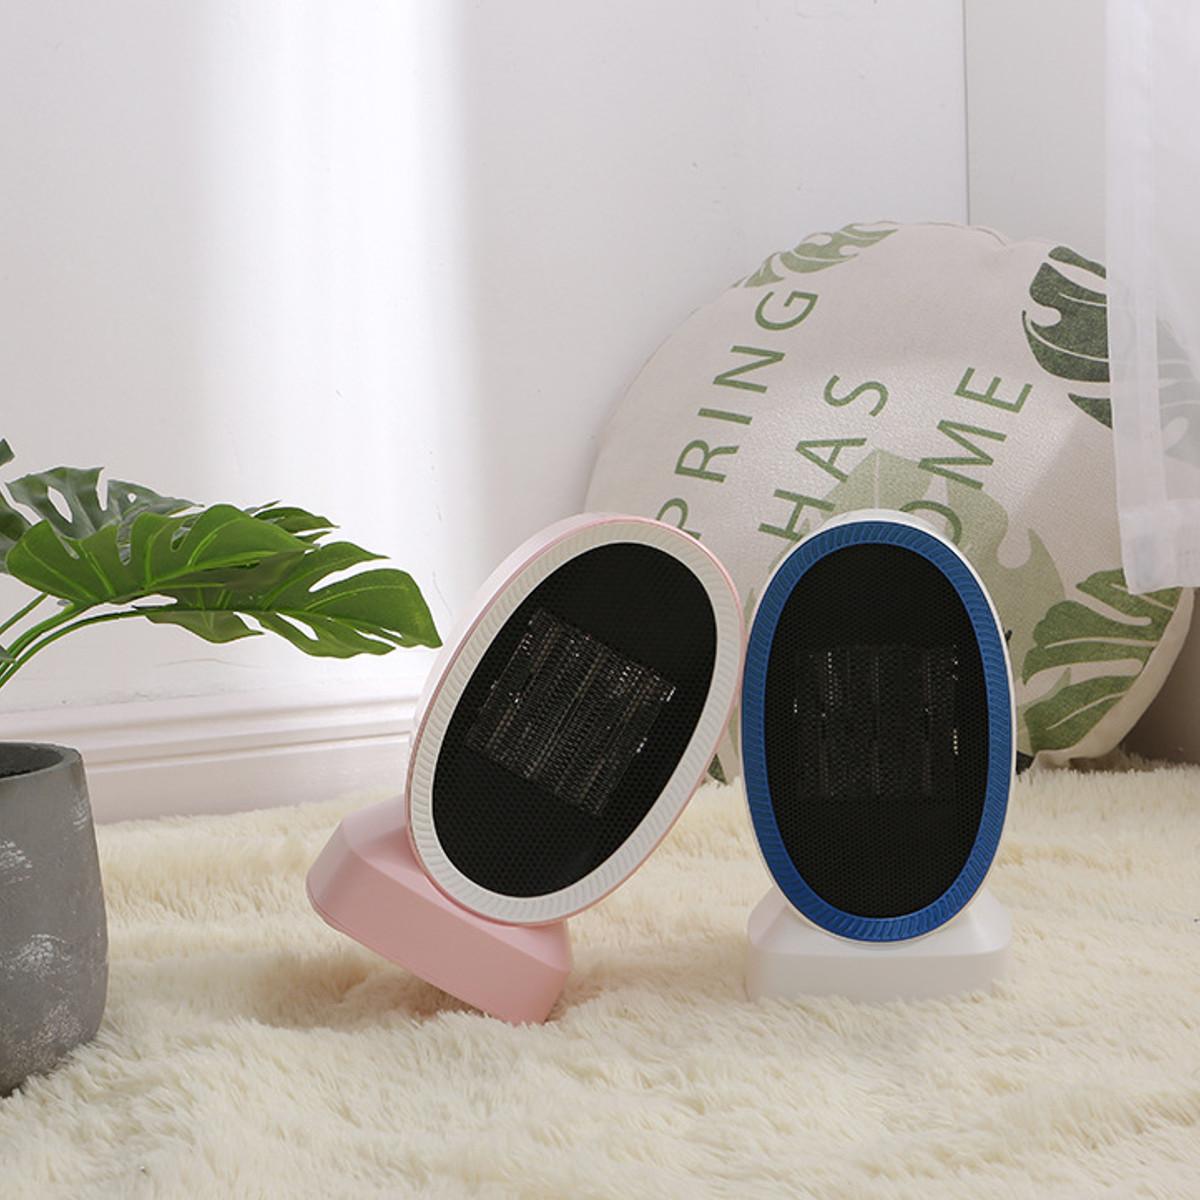 220V Portable Mini Electric Heater Fan Home Office Winter Warmer Table Fan Air Heater